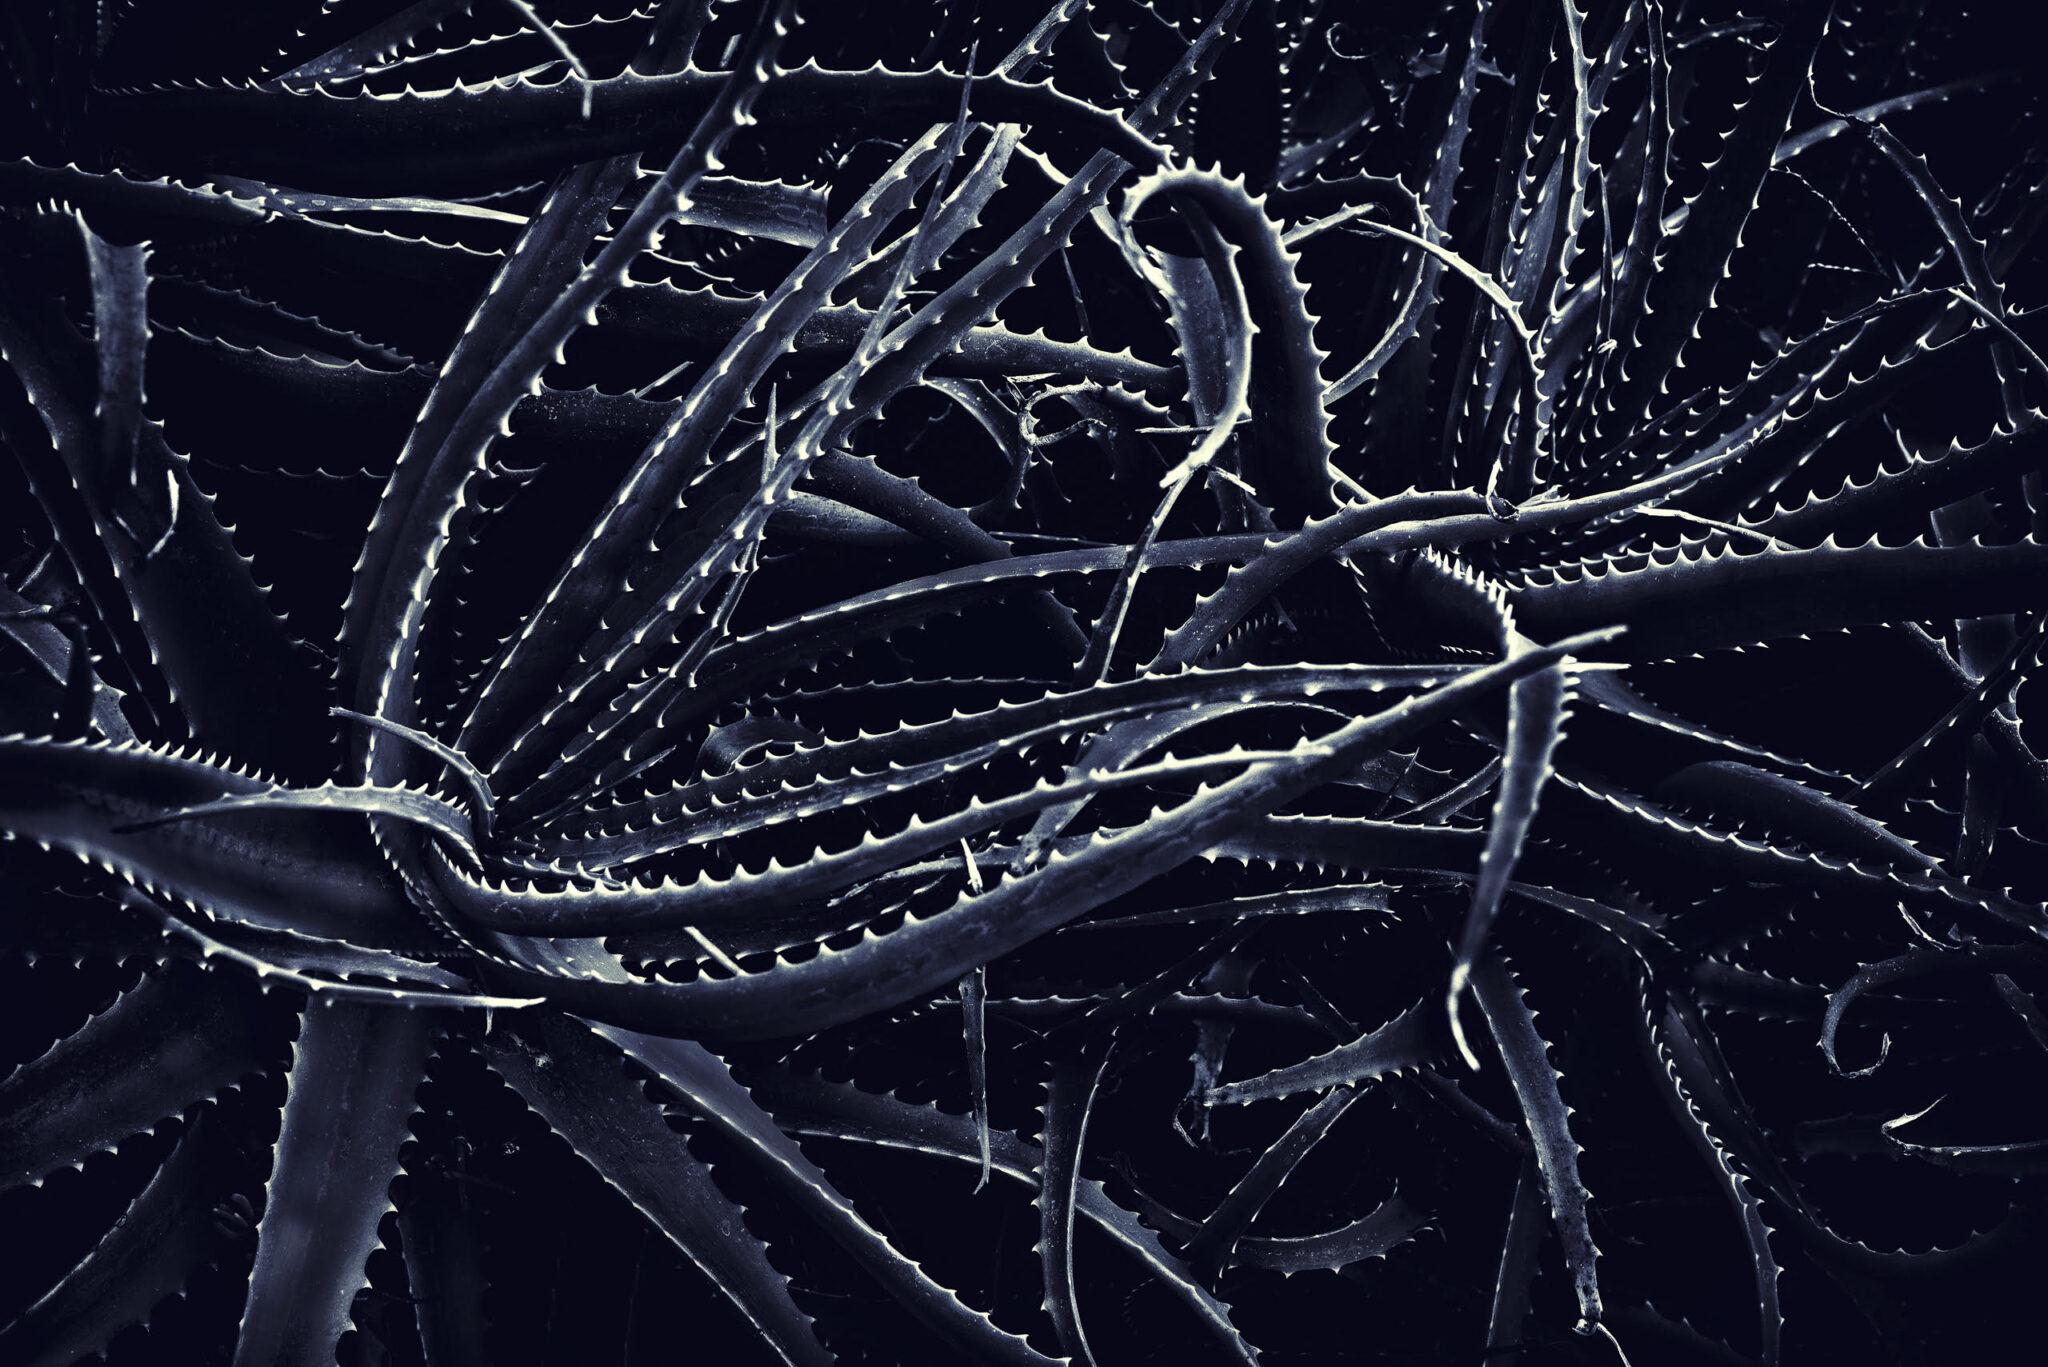 Lev L Spiro Night Creatures